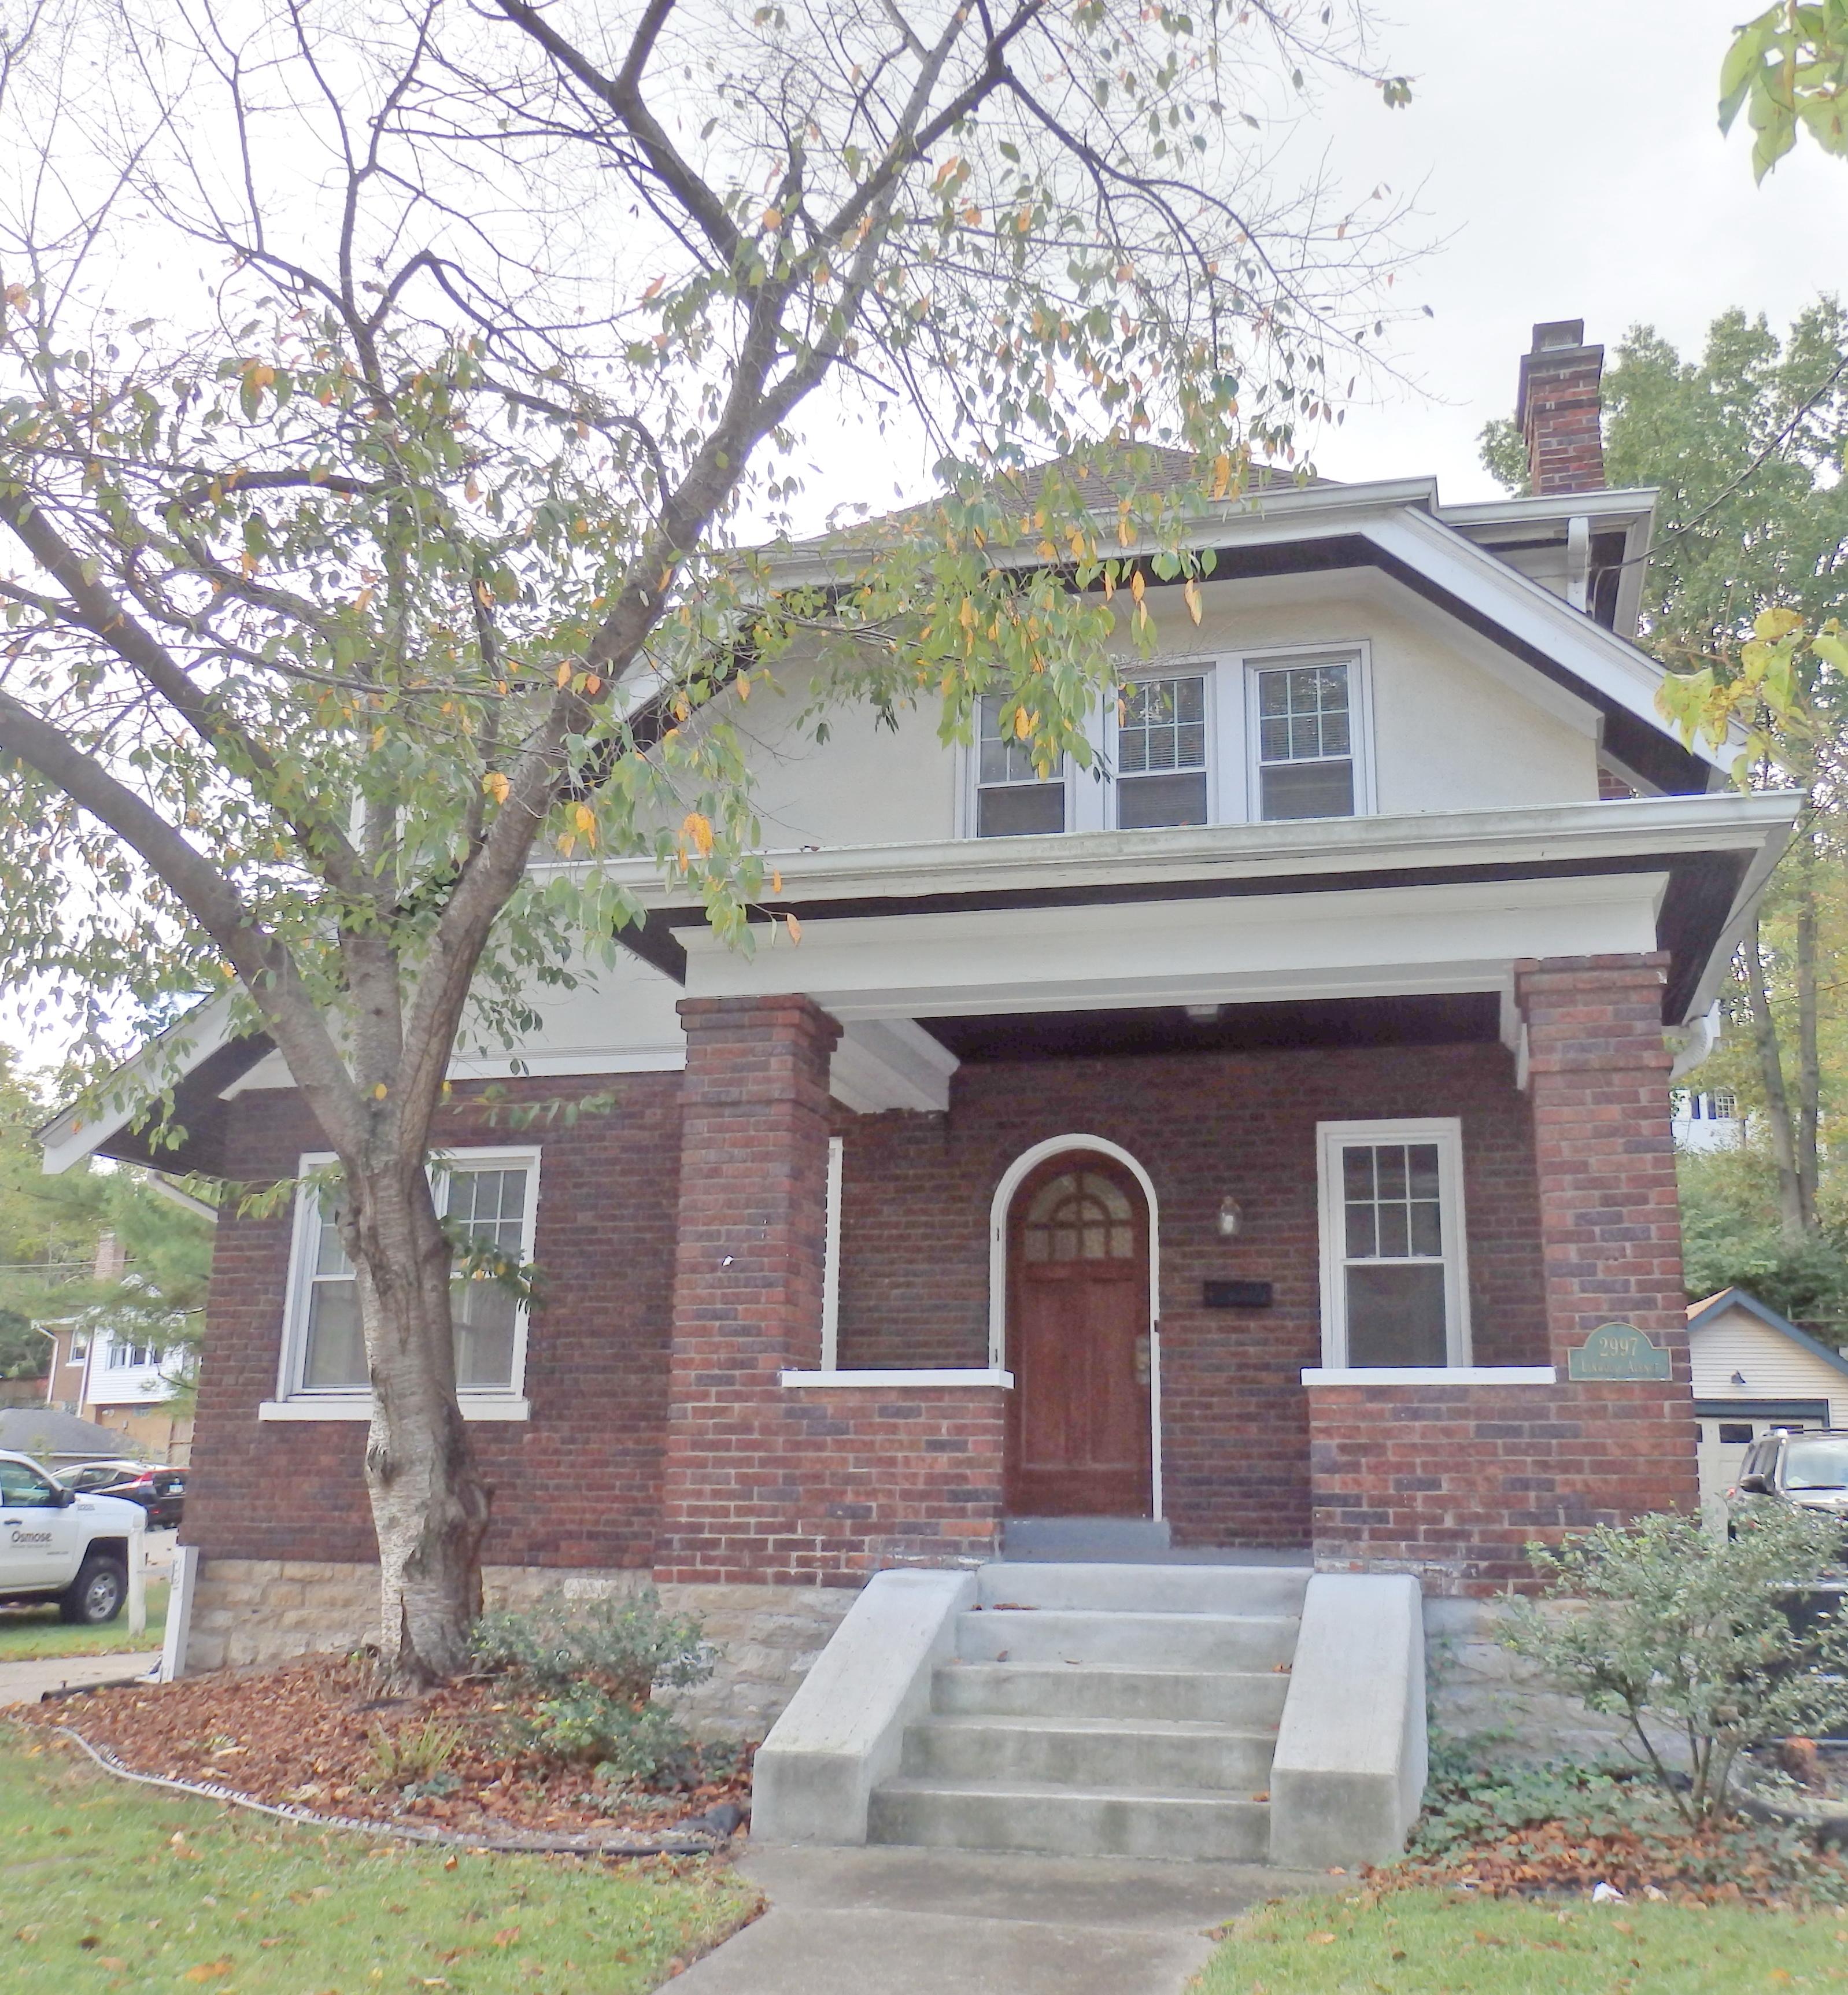 Apartment Listings: Cincinnati Apartment Listings